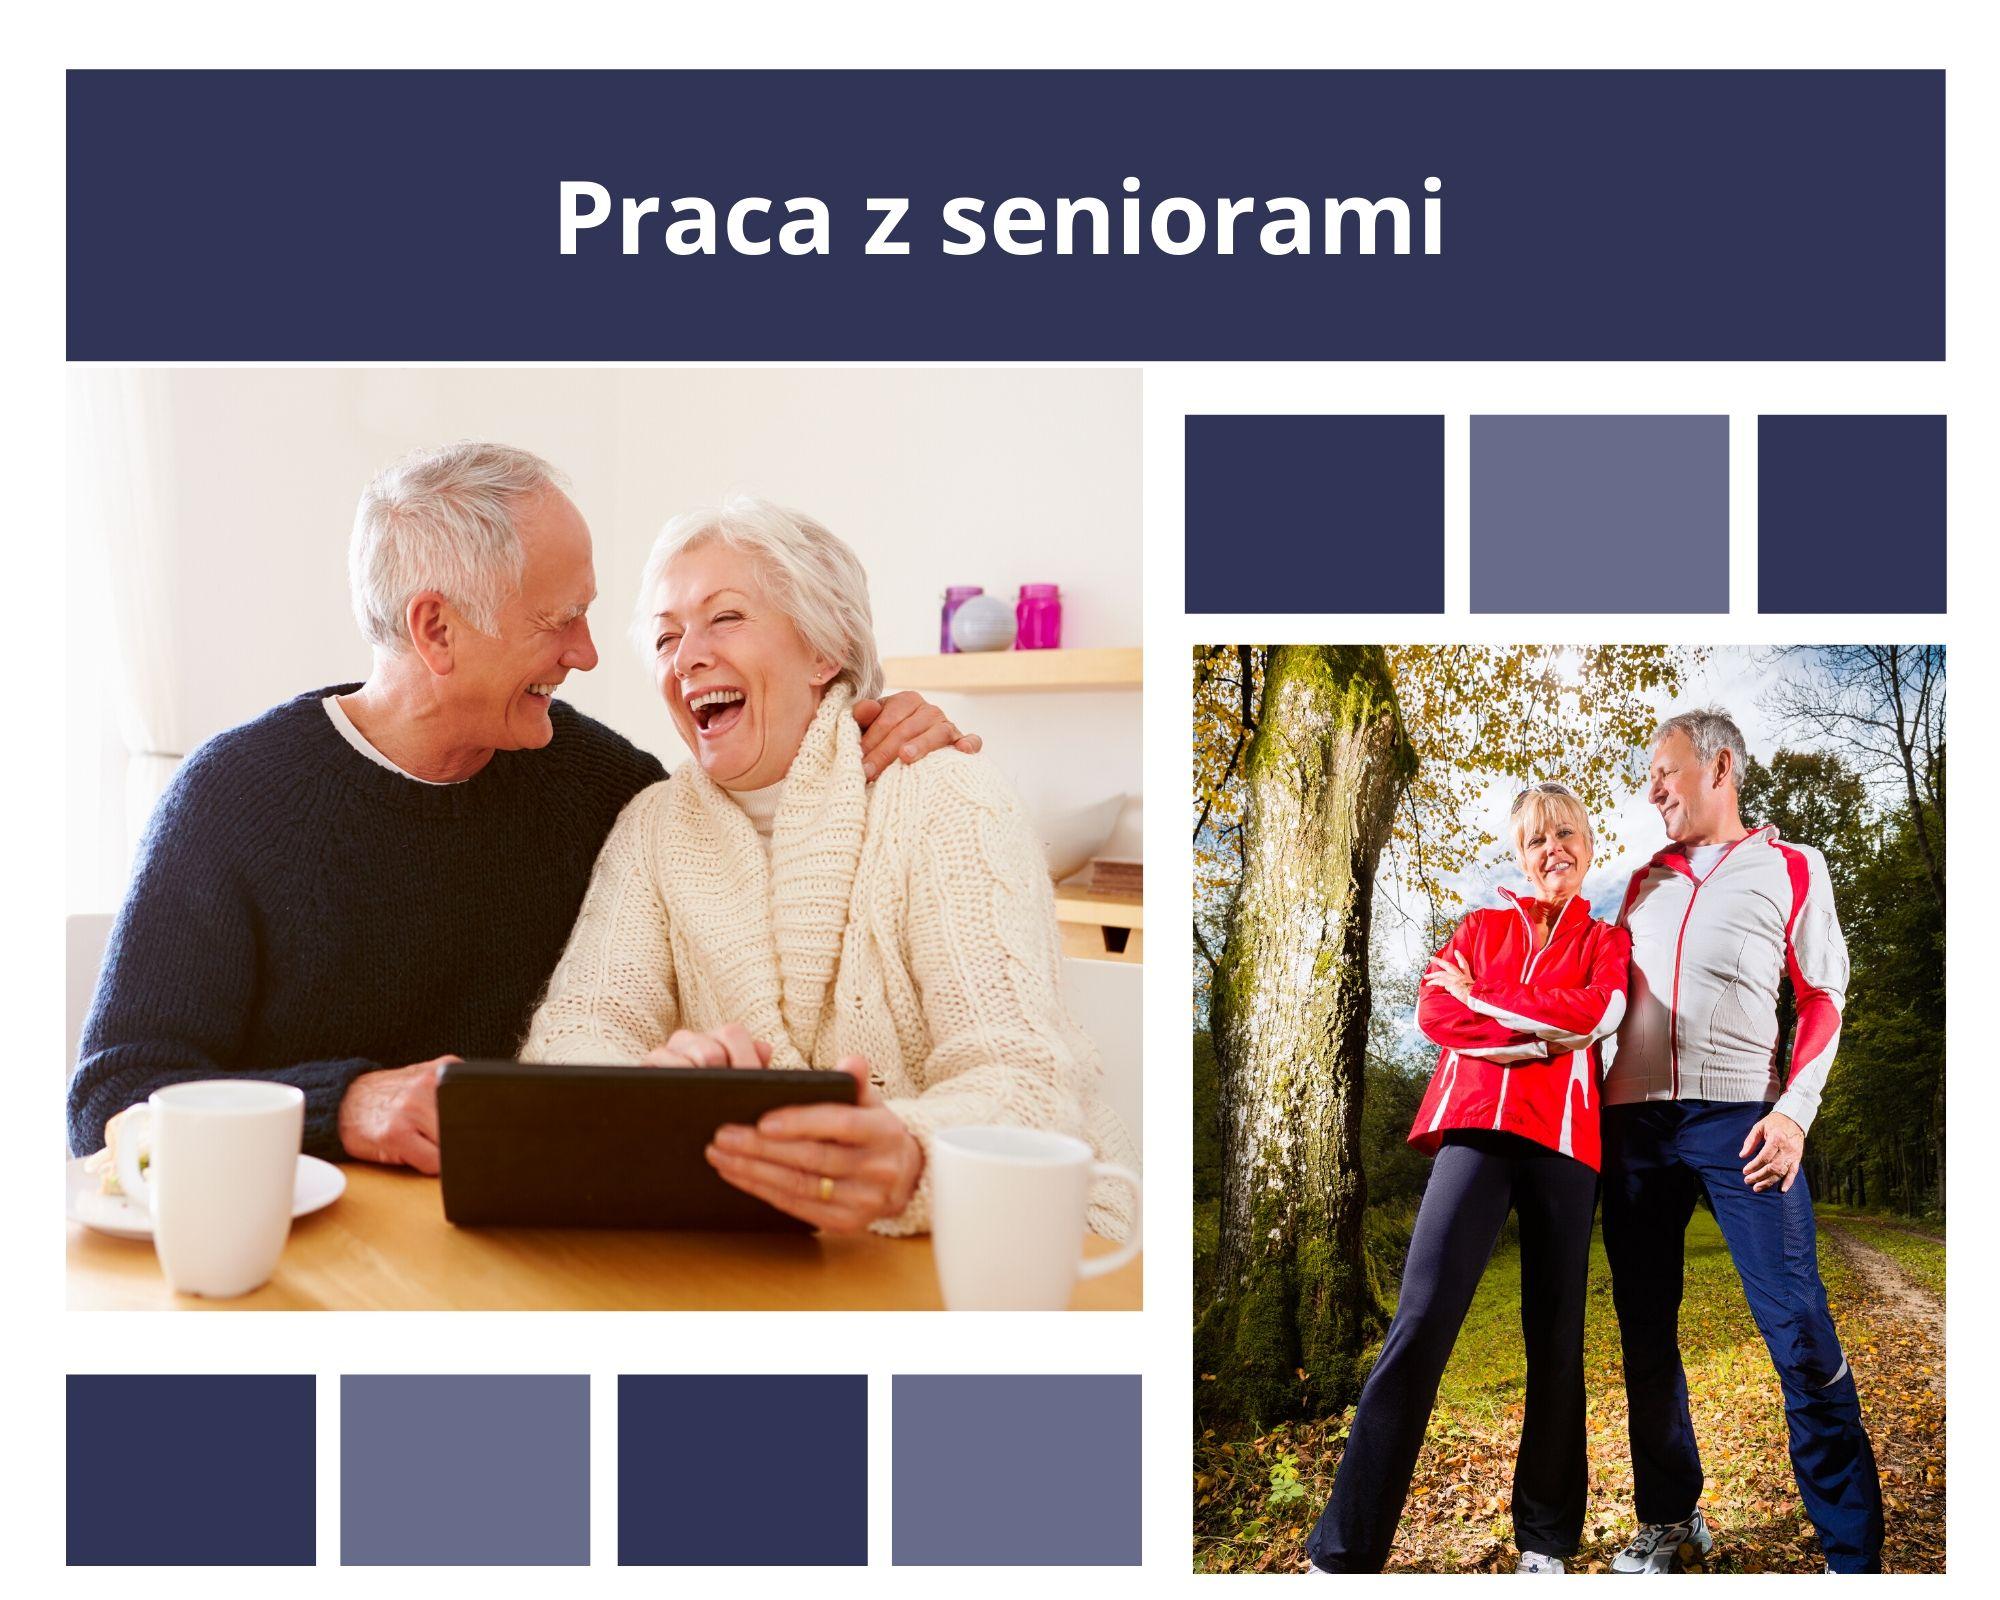 Praca z seniorami - konsultacje online